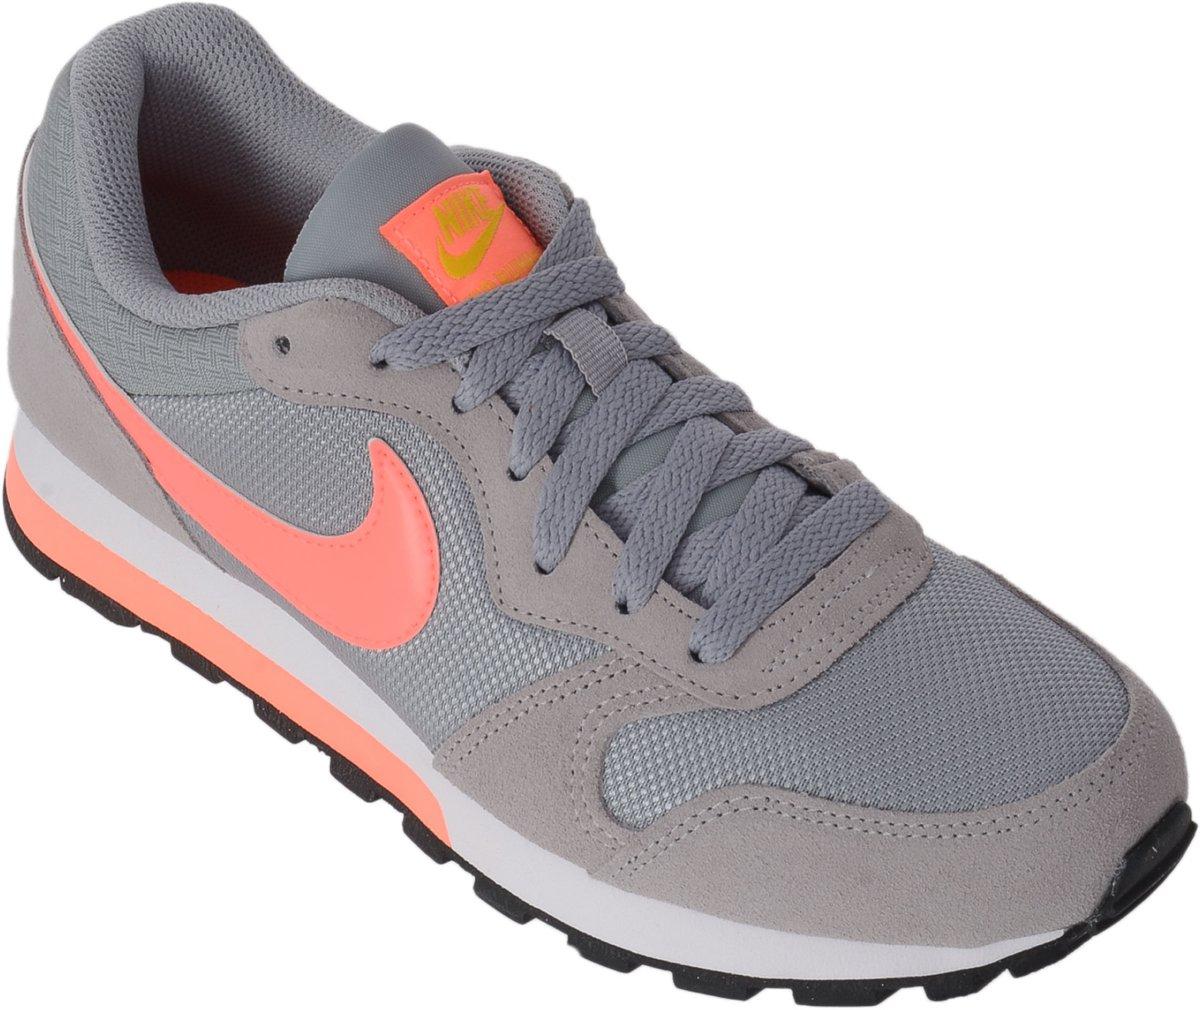 Nike Schoenen Dames Grijs Roze